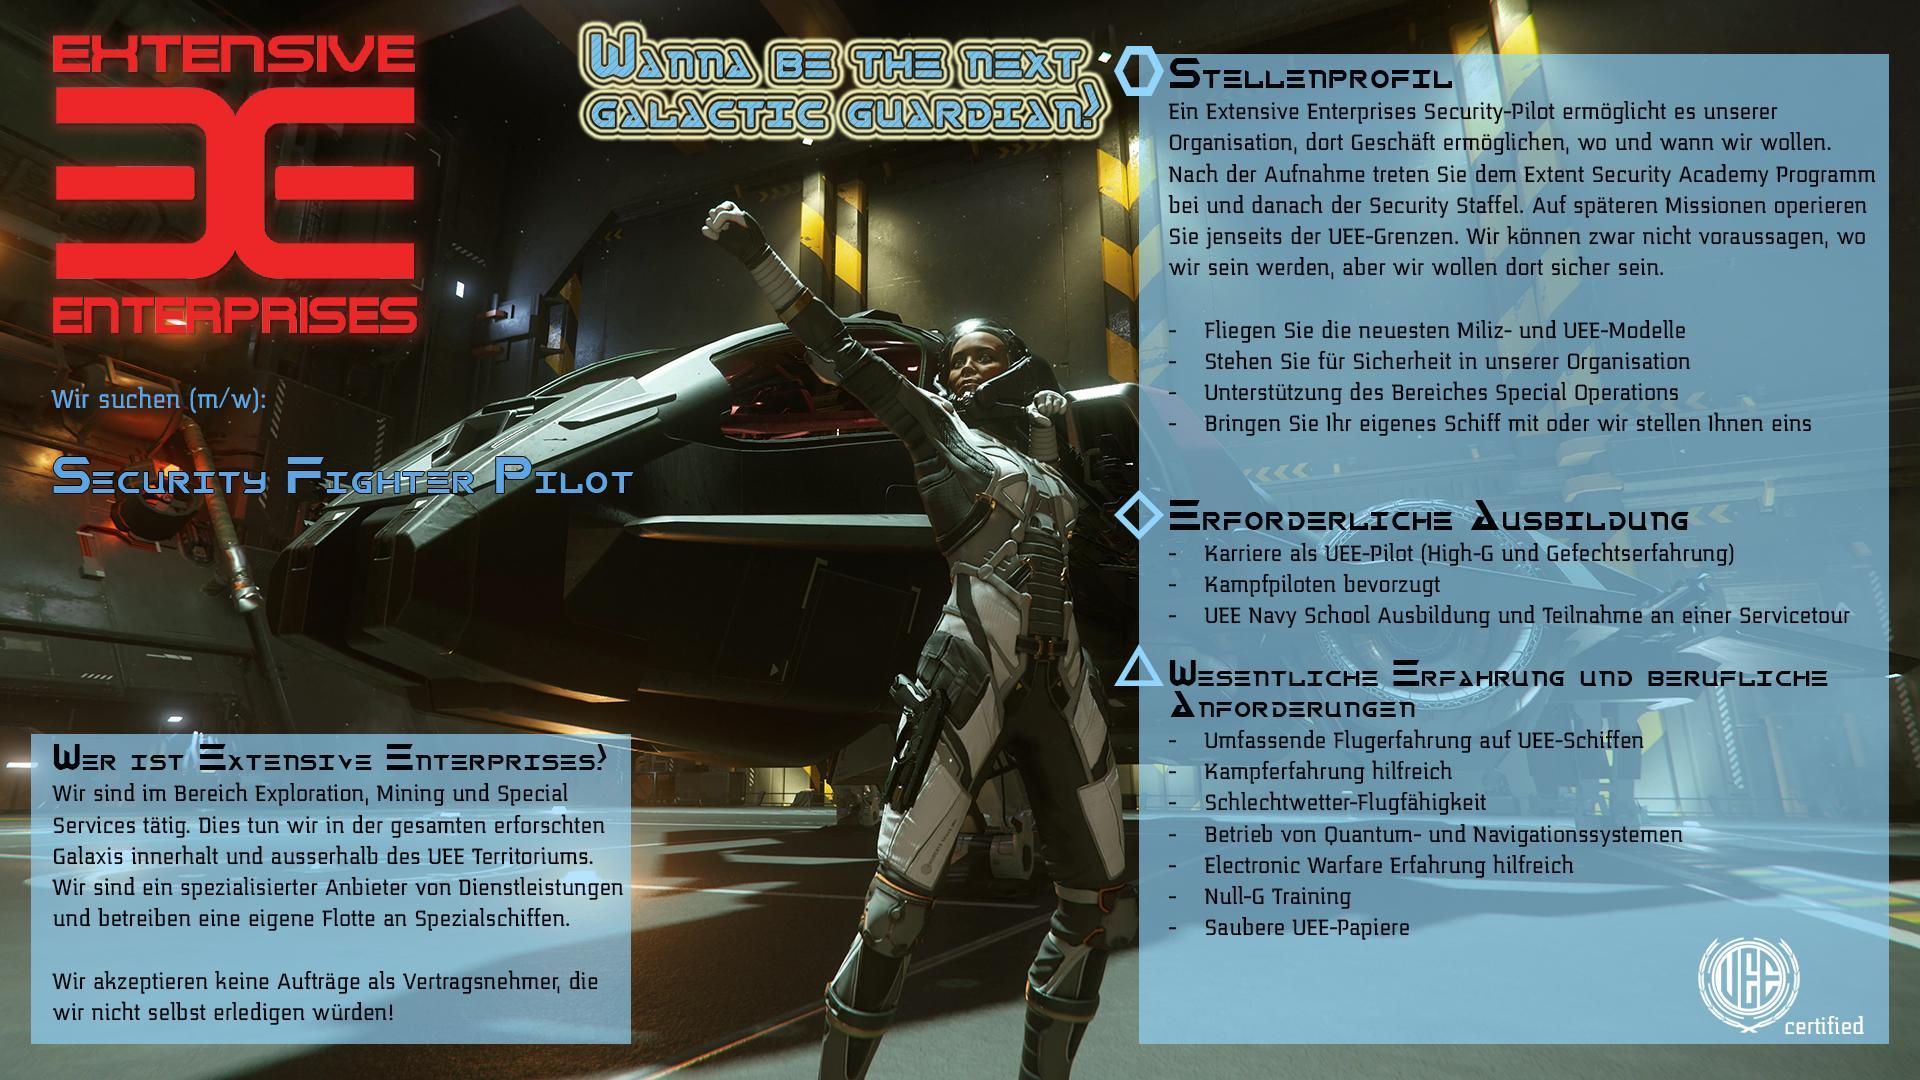 Security-Pilot-DE2.jpg.5f49ce370a42e604f8ba42eedccee283.jpg